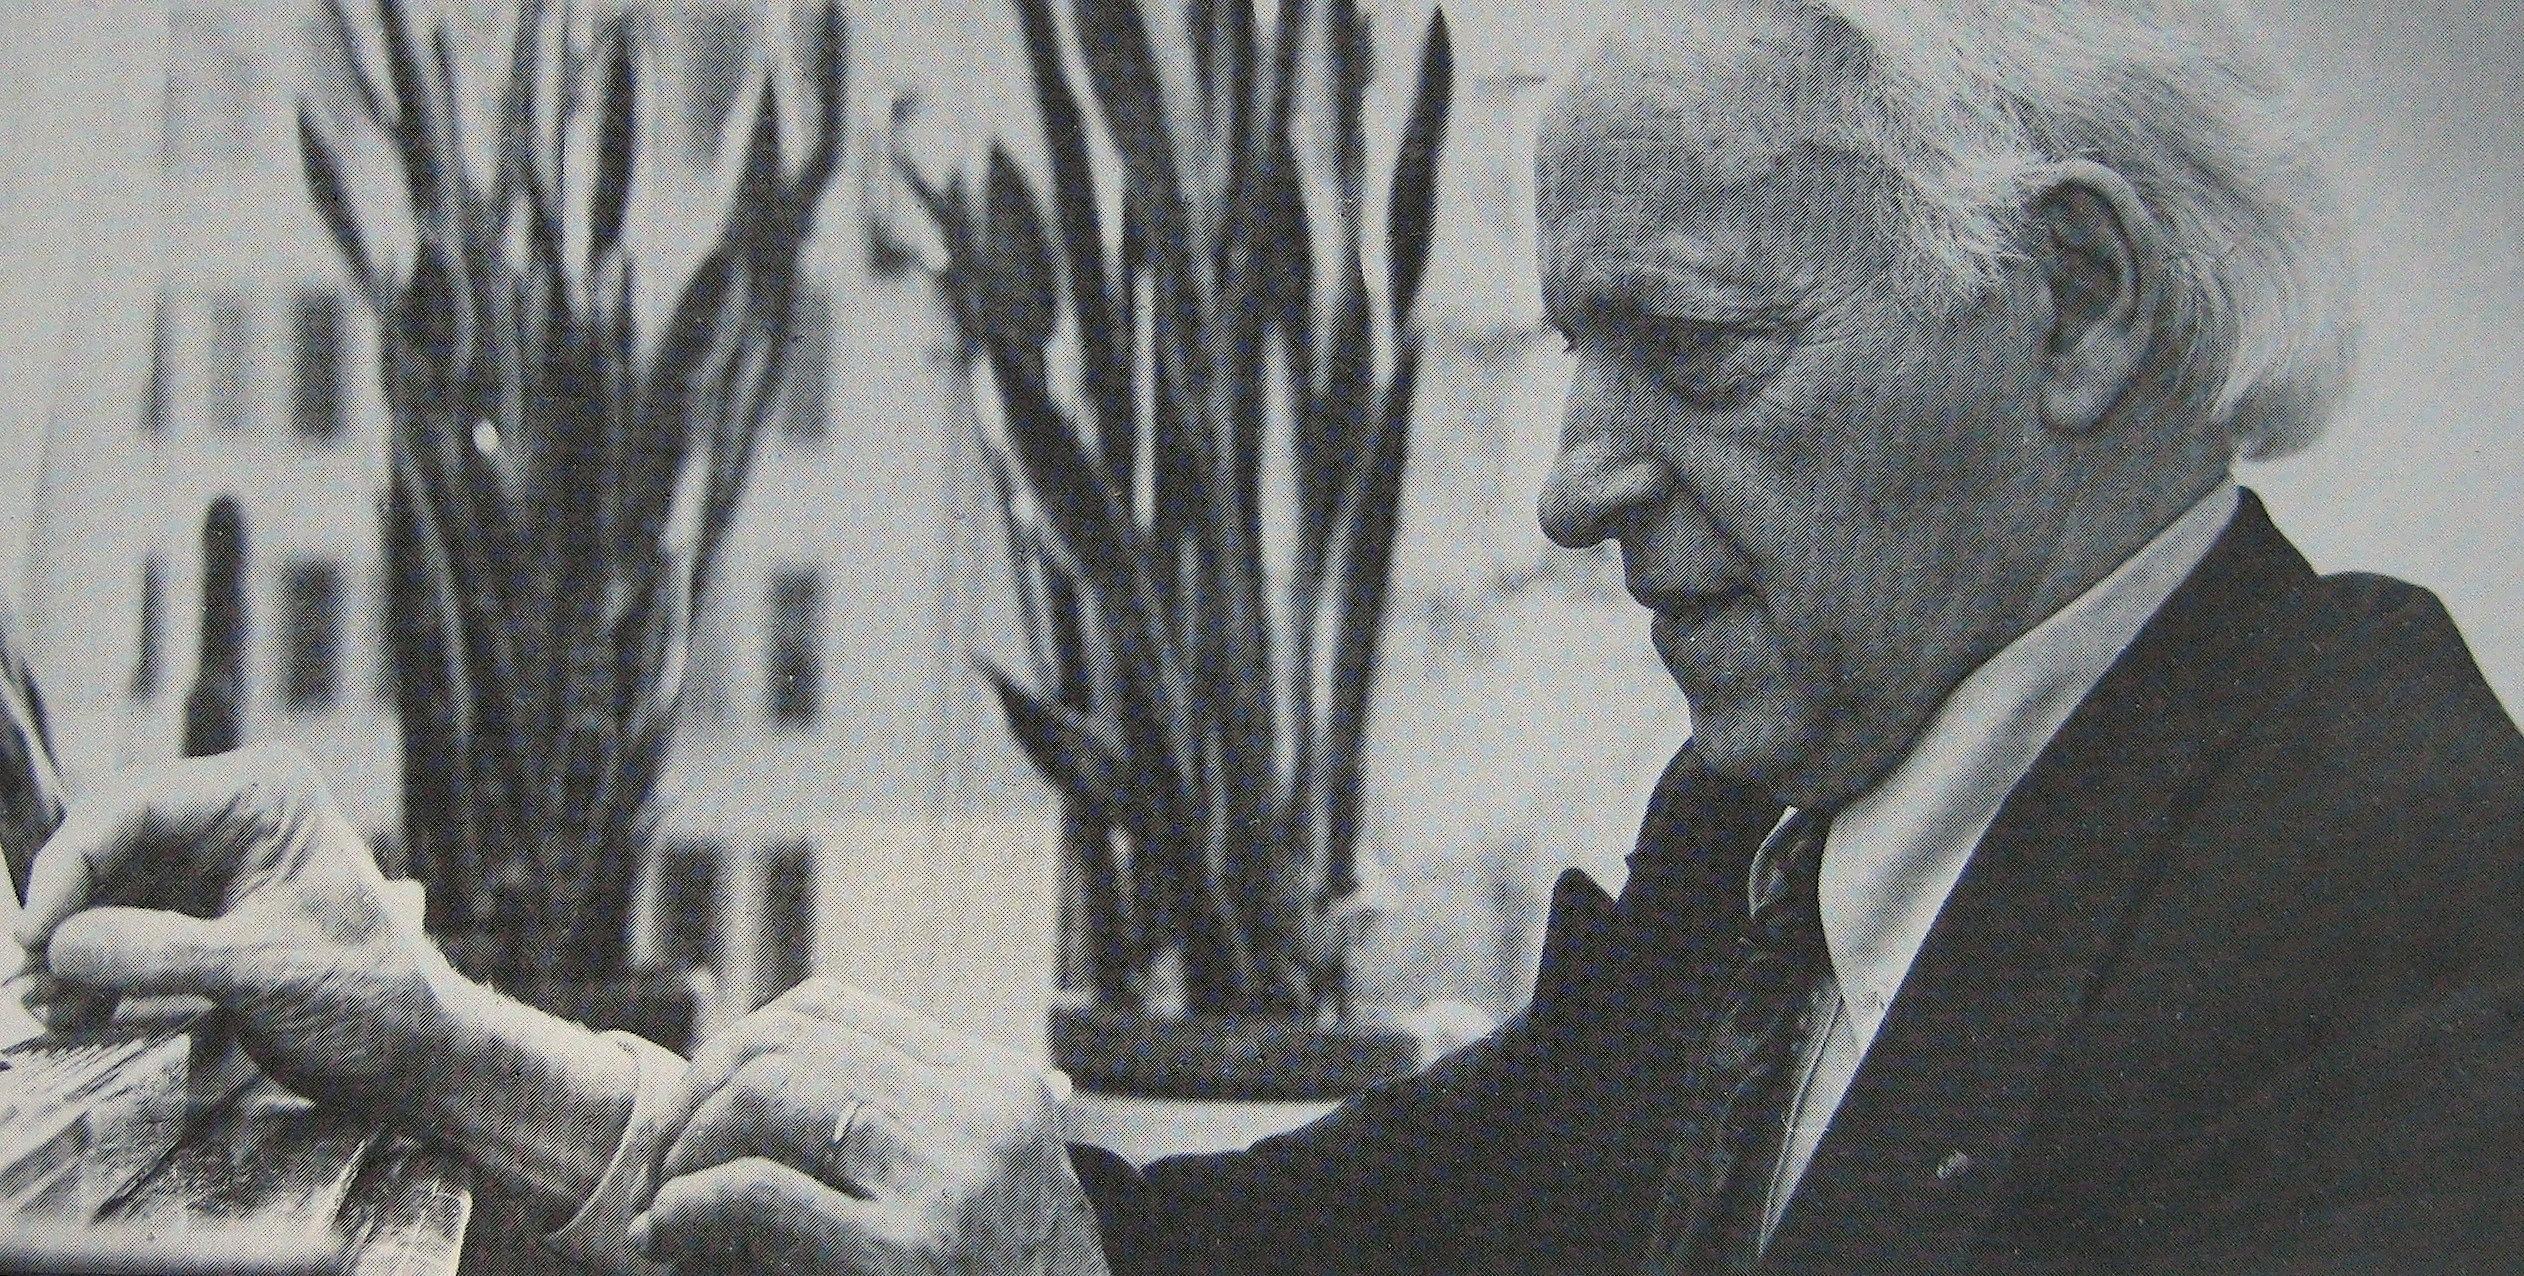 Marius M